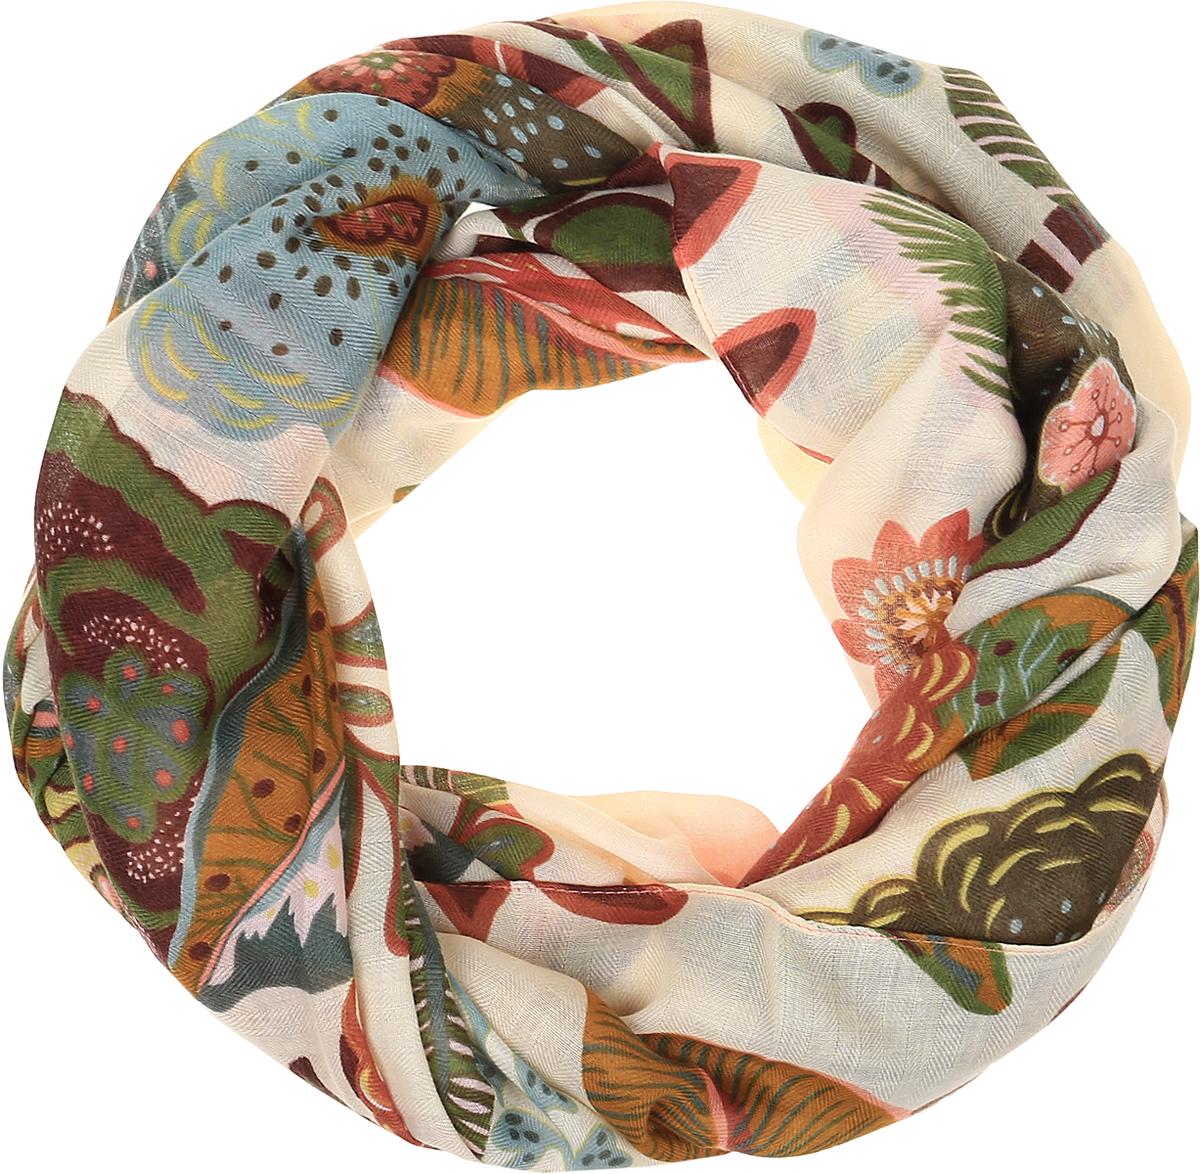 Палантин Sophie Ramage, цвет: бежевый, коричневый, зеленый. YY-11714-68. Размер 105 см х 180 смYY-11714-68Палантин от Sophie Ramage изготовлен из шелка с добавлением полиэстера, оформлен оригинальным принтом. Кромка обработана подгибкой и осыпкой.